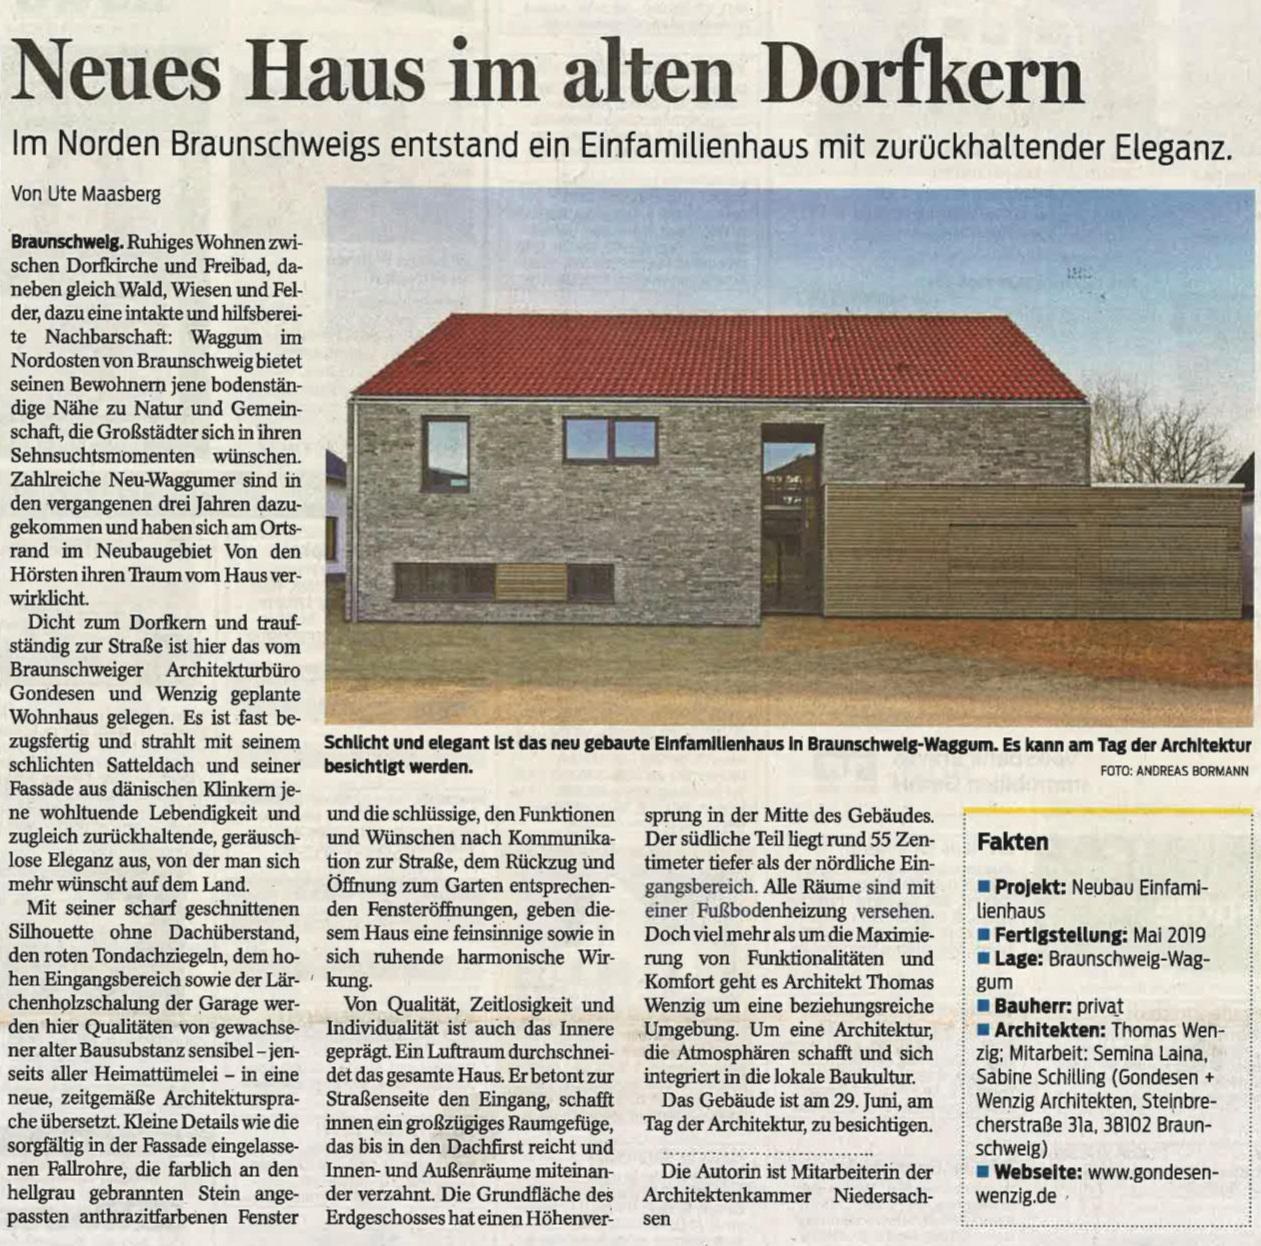 190518_201_BZ_neues+Haus+im+alten+Dorfkern_1.jpg